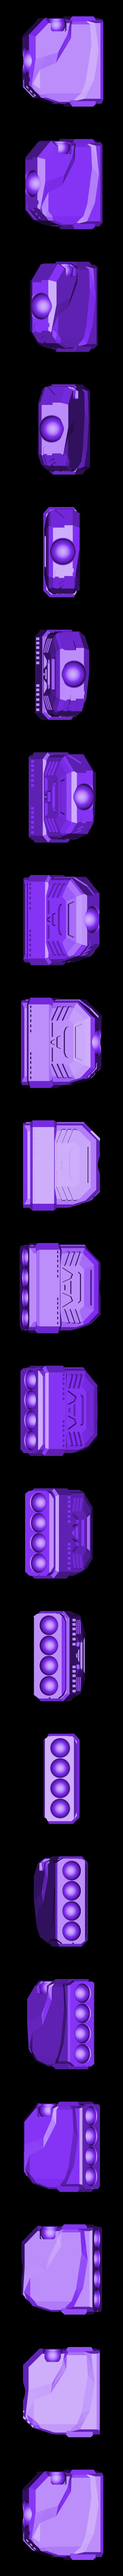 FULL_BALLJOINT_detail_v6_left.stl Télécharger fichier STL gratuit TRANSFORMERS CW POSABLE HANDS 2.0 • Design pour impression 3D, sickofyou